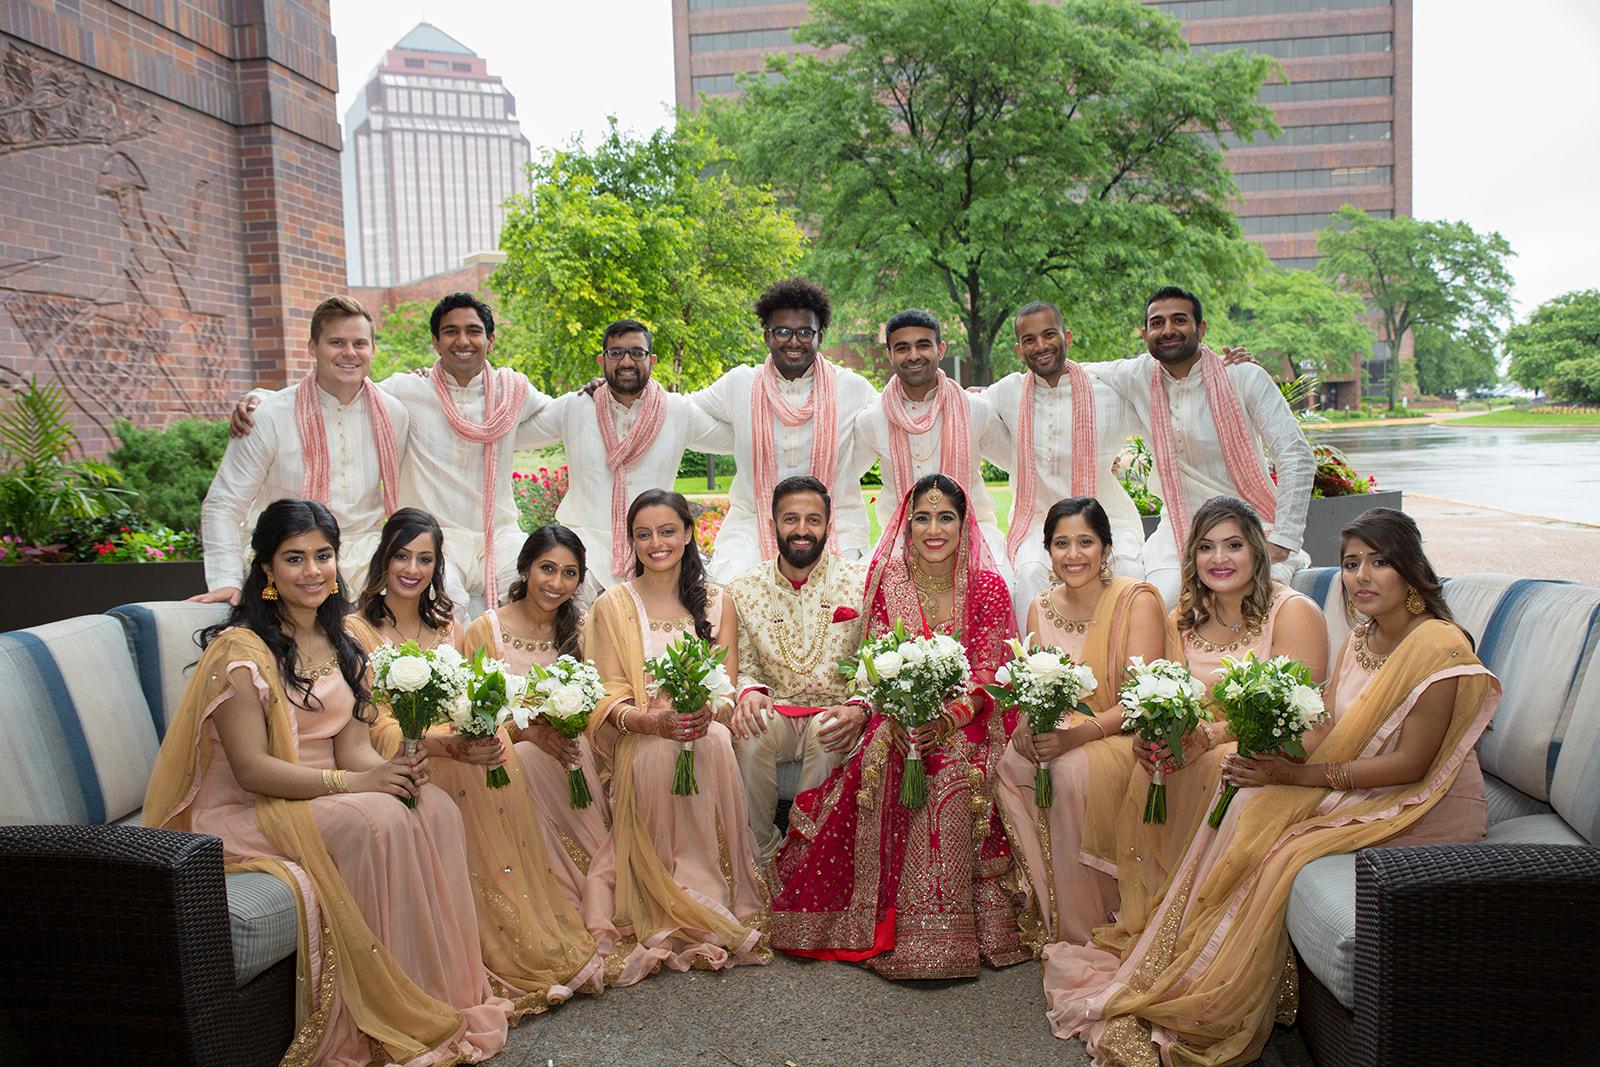 Le Cape Weddings - Sumeet and Chavi - Friends and Family Photos AM -1.jpg